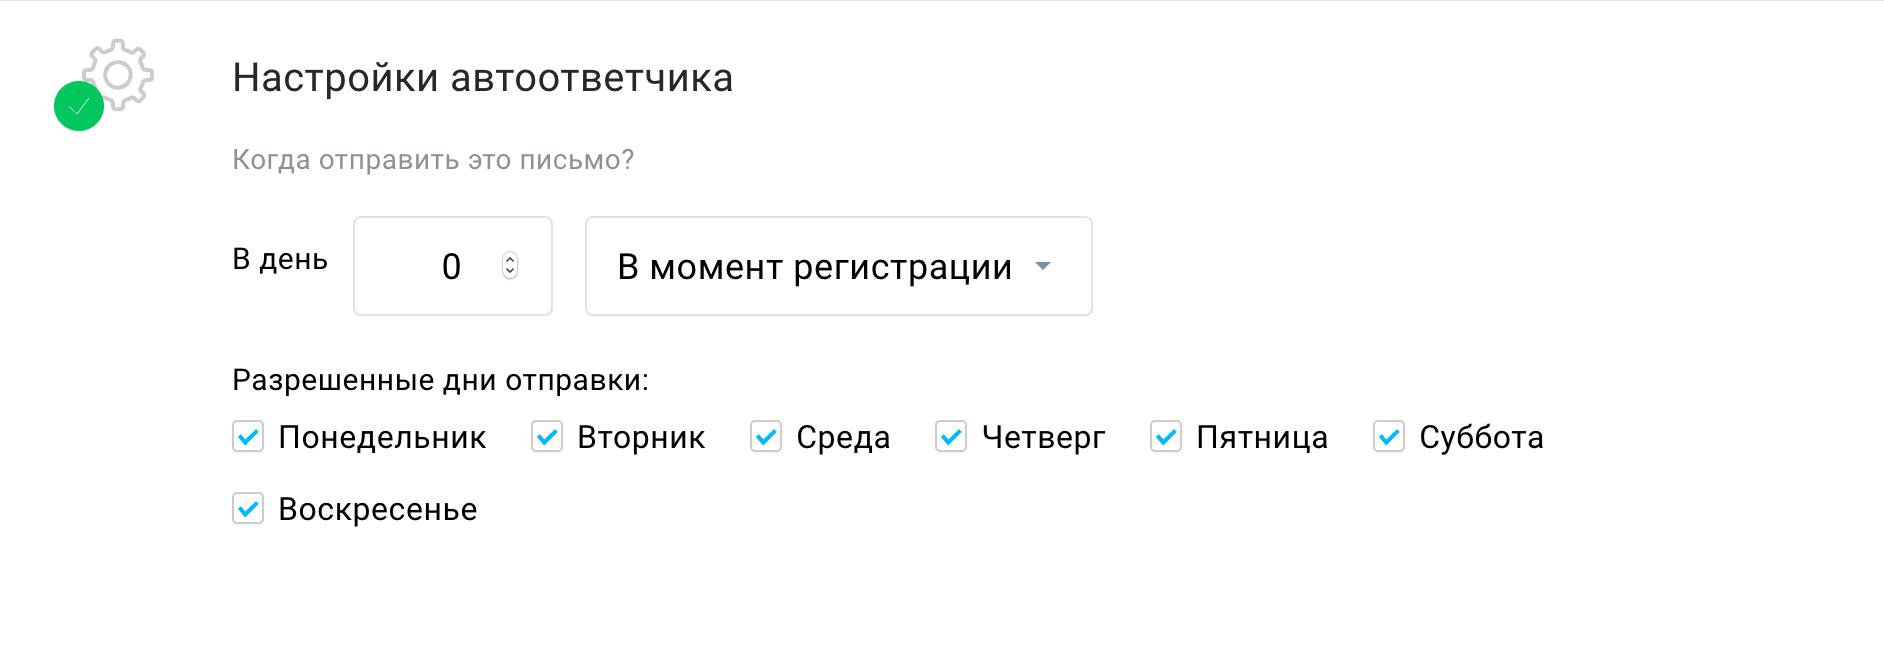 Параметры автоответчиков GetResponse